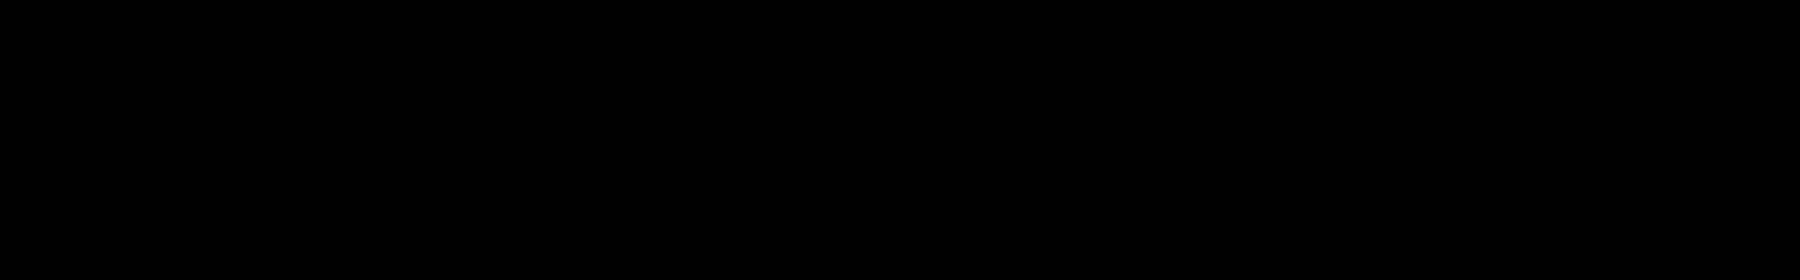 Modern DNB Elements audio waveform